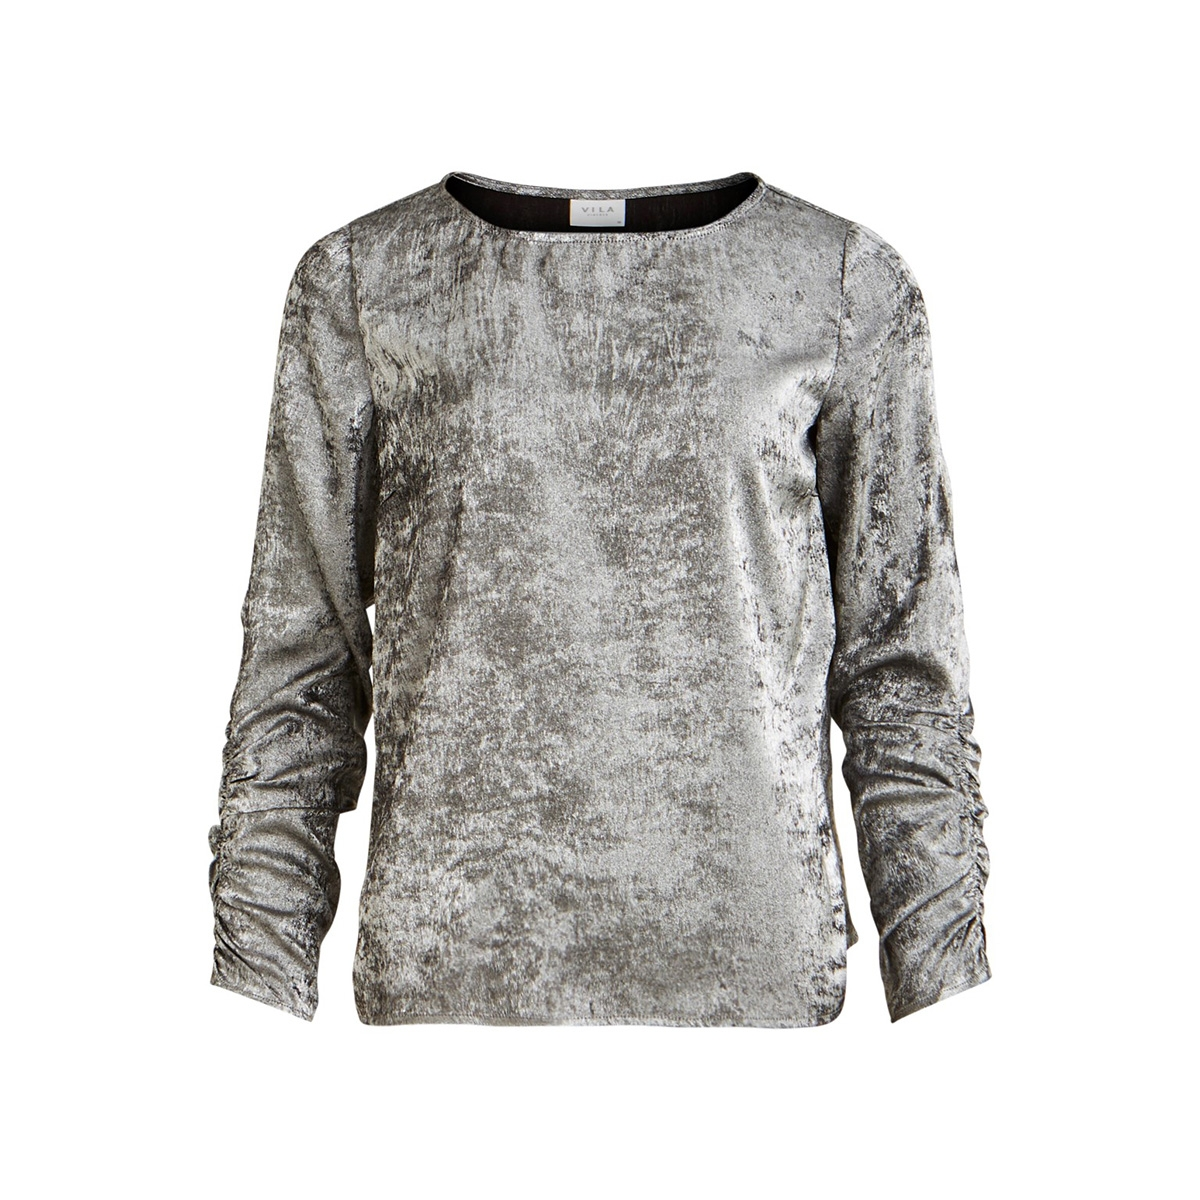 viopal l/s top 14056767 vila t-shirt silver